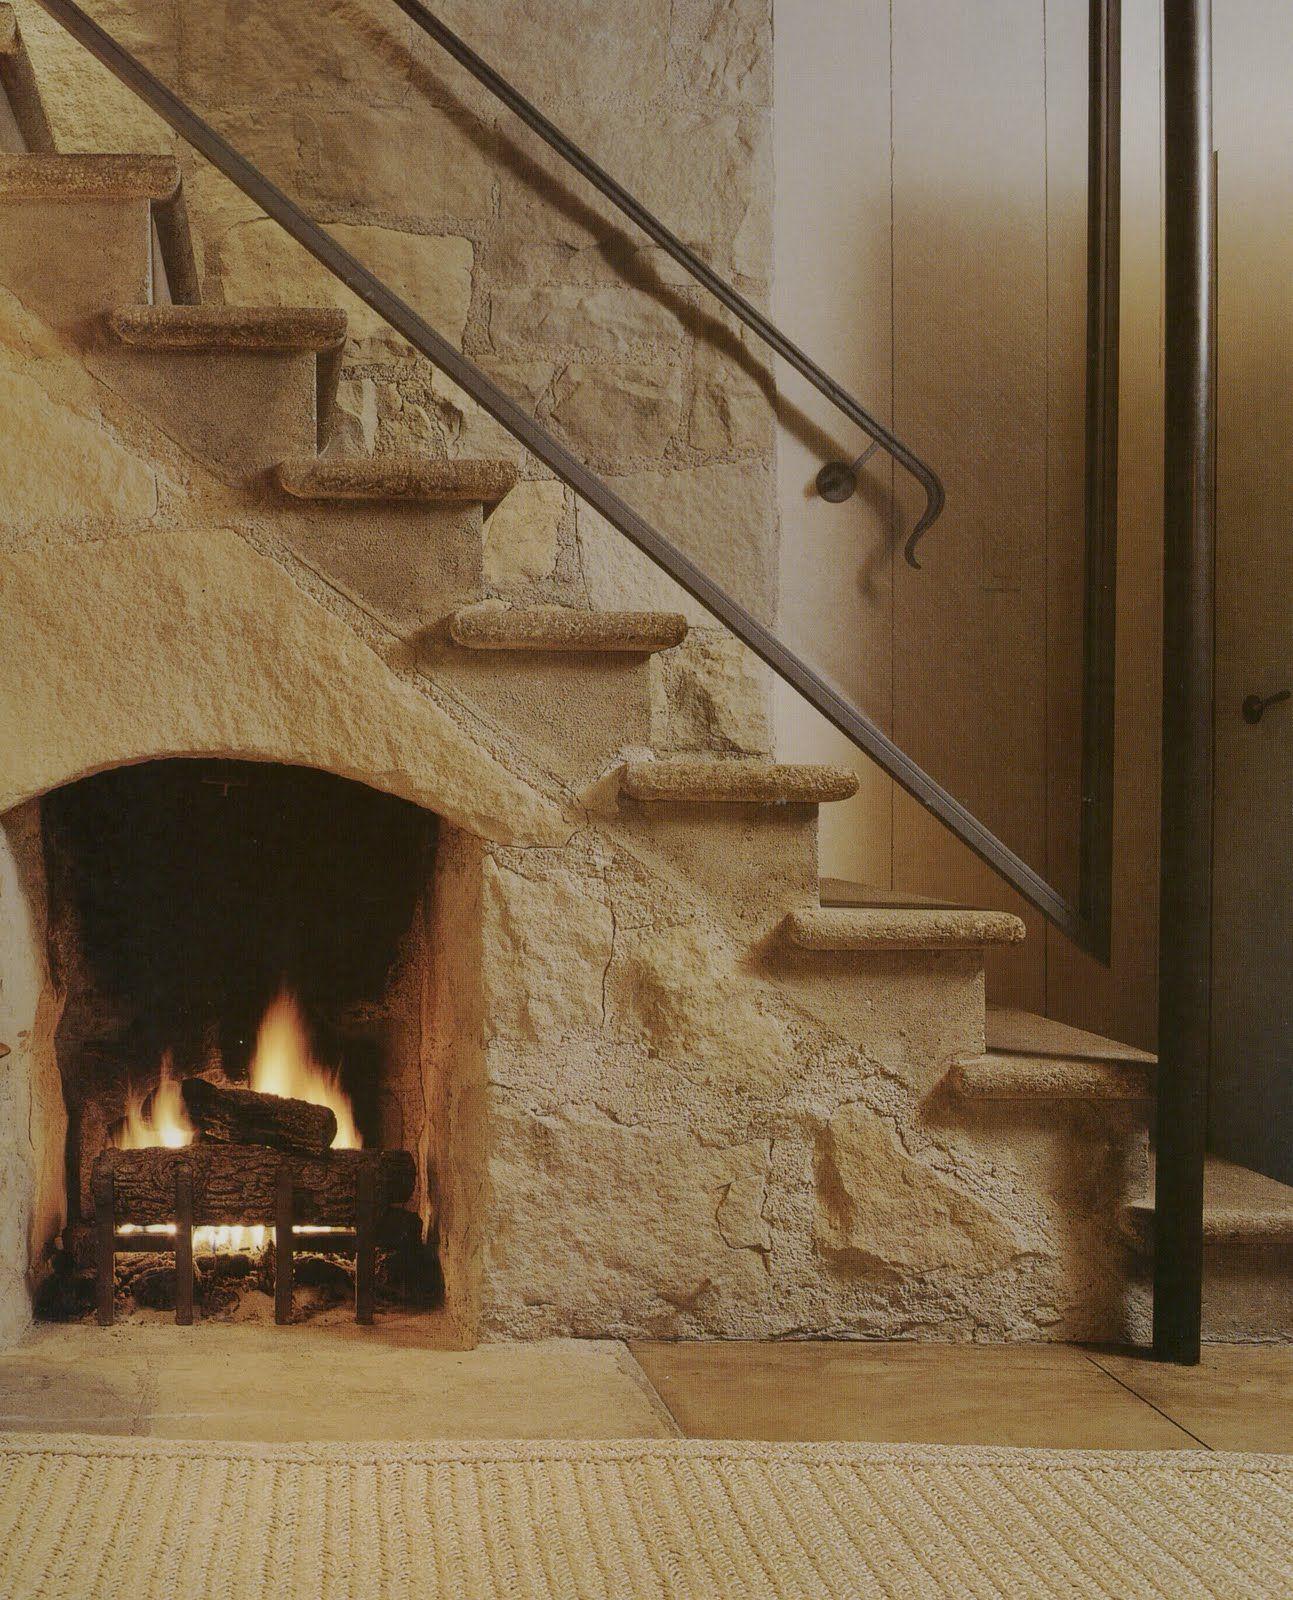 Chimenea interiores pinterest escalera de mano de for Chimenea bajo escalera